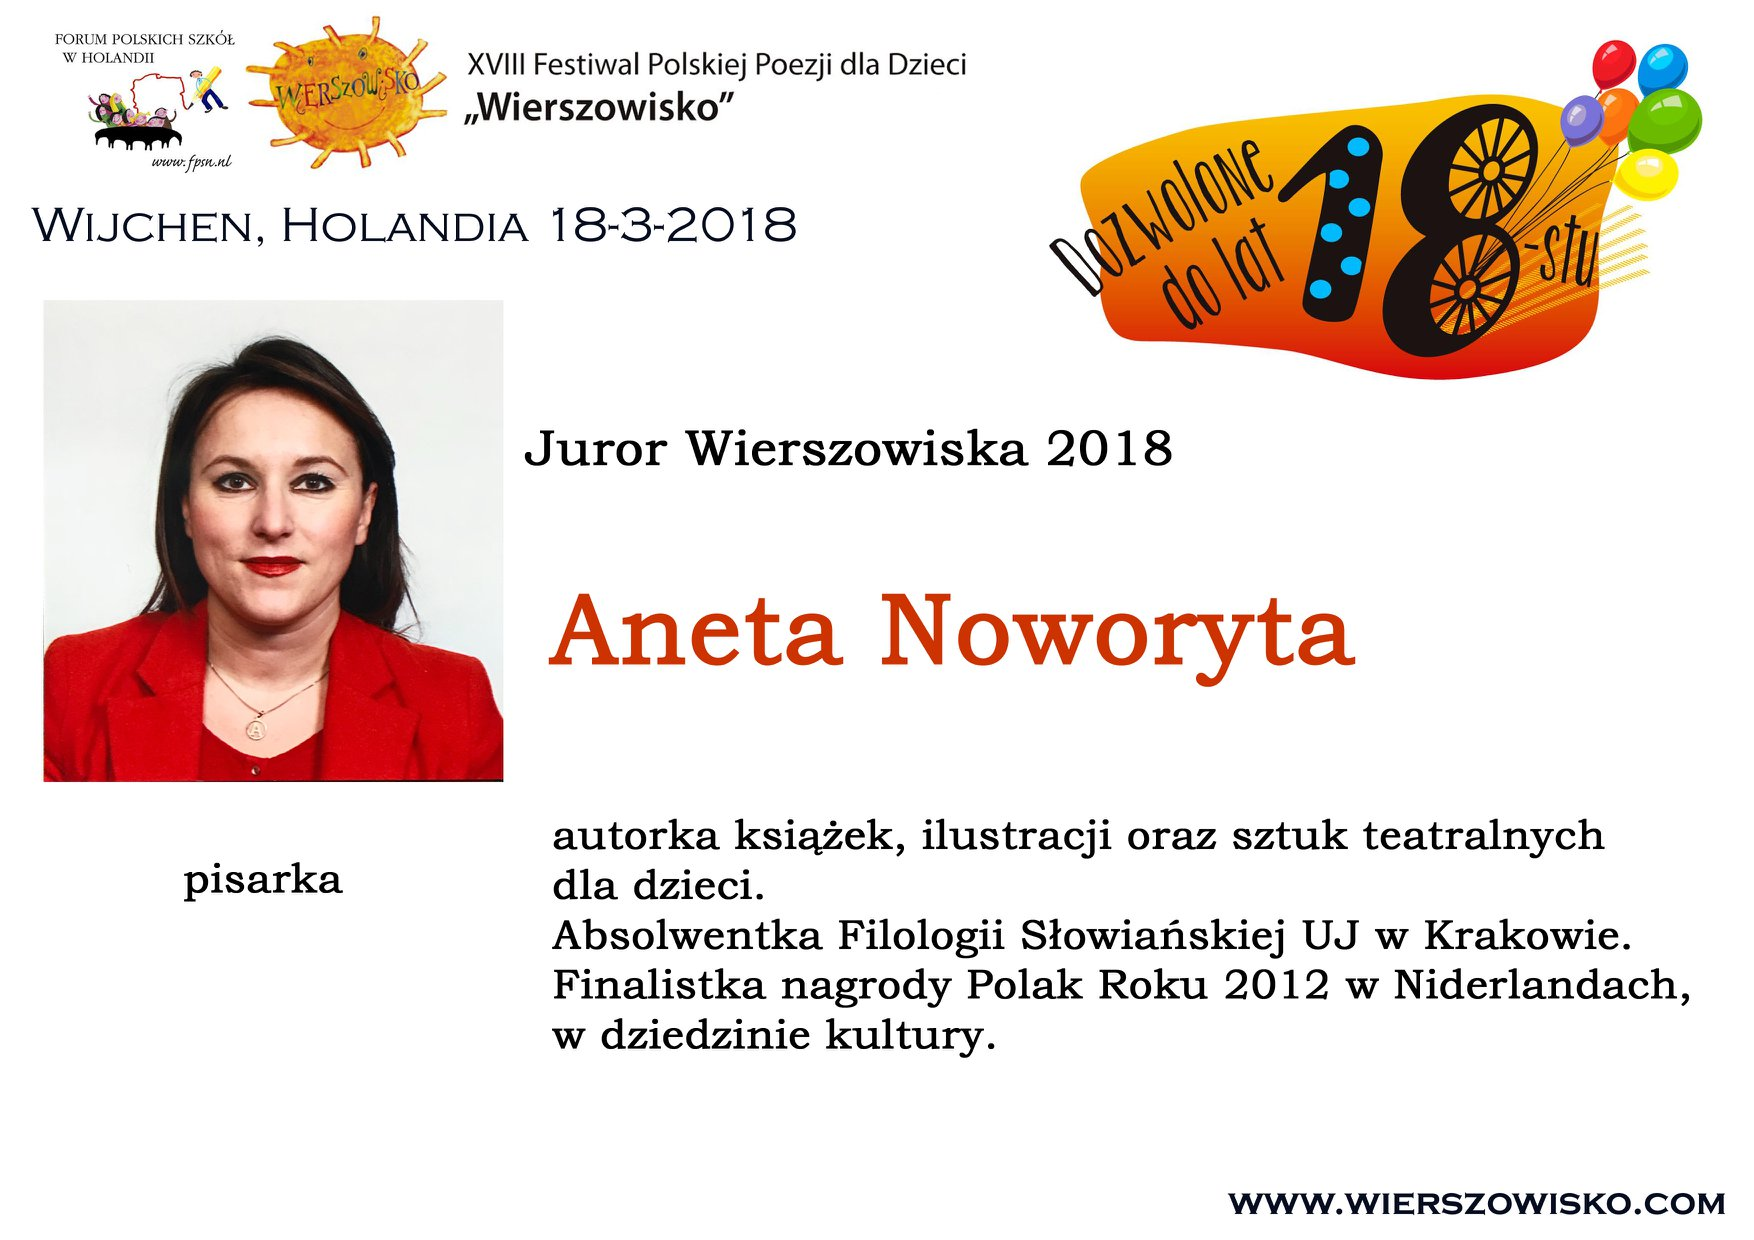 6. Aneta Noworyta